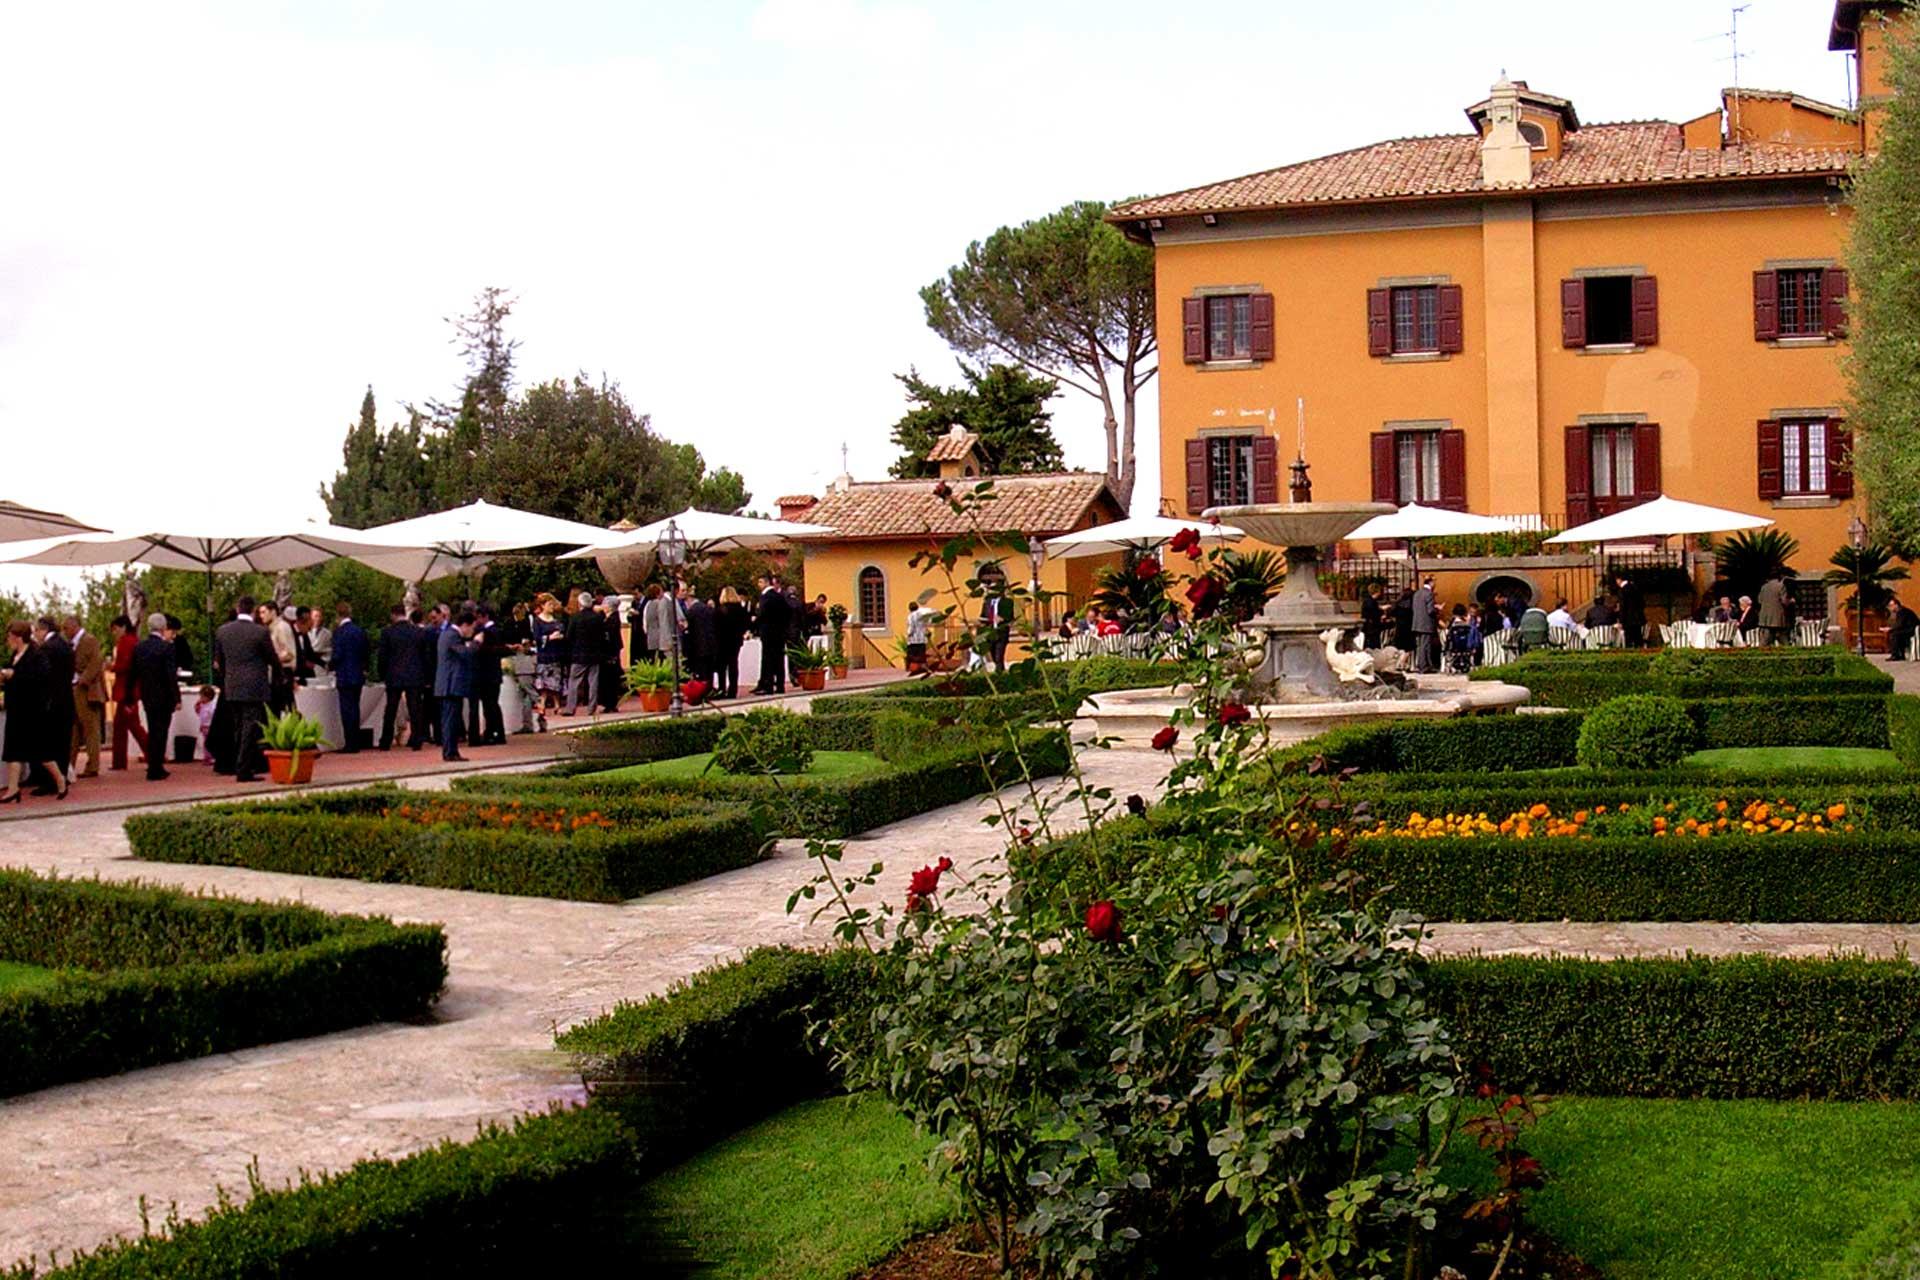 Matrimonio Castelli Romani : Le sale casal romito ville per matrimoni a roma e castelli